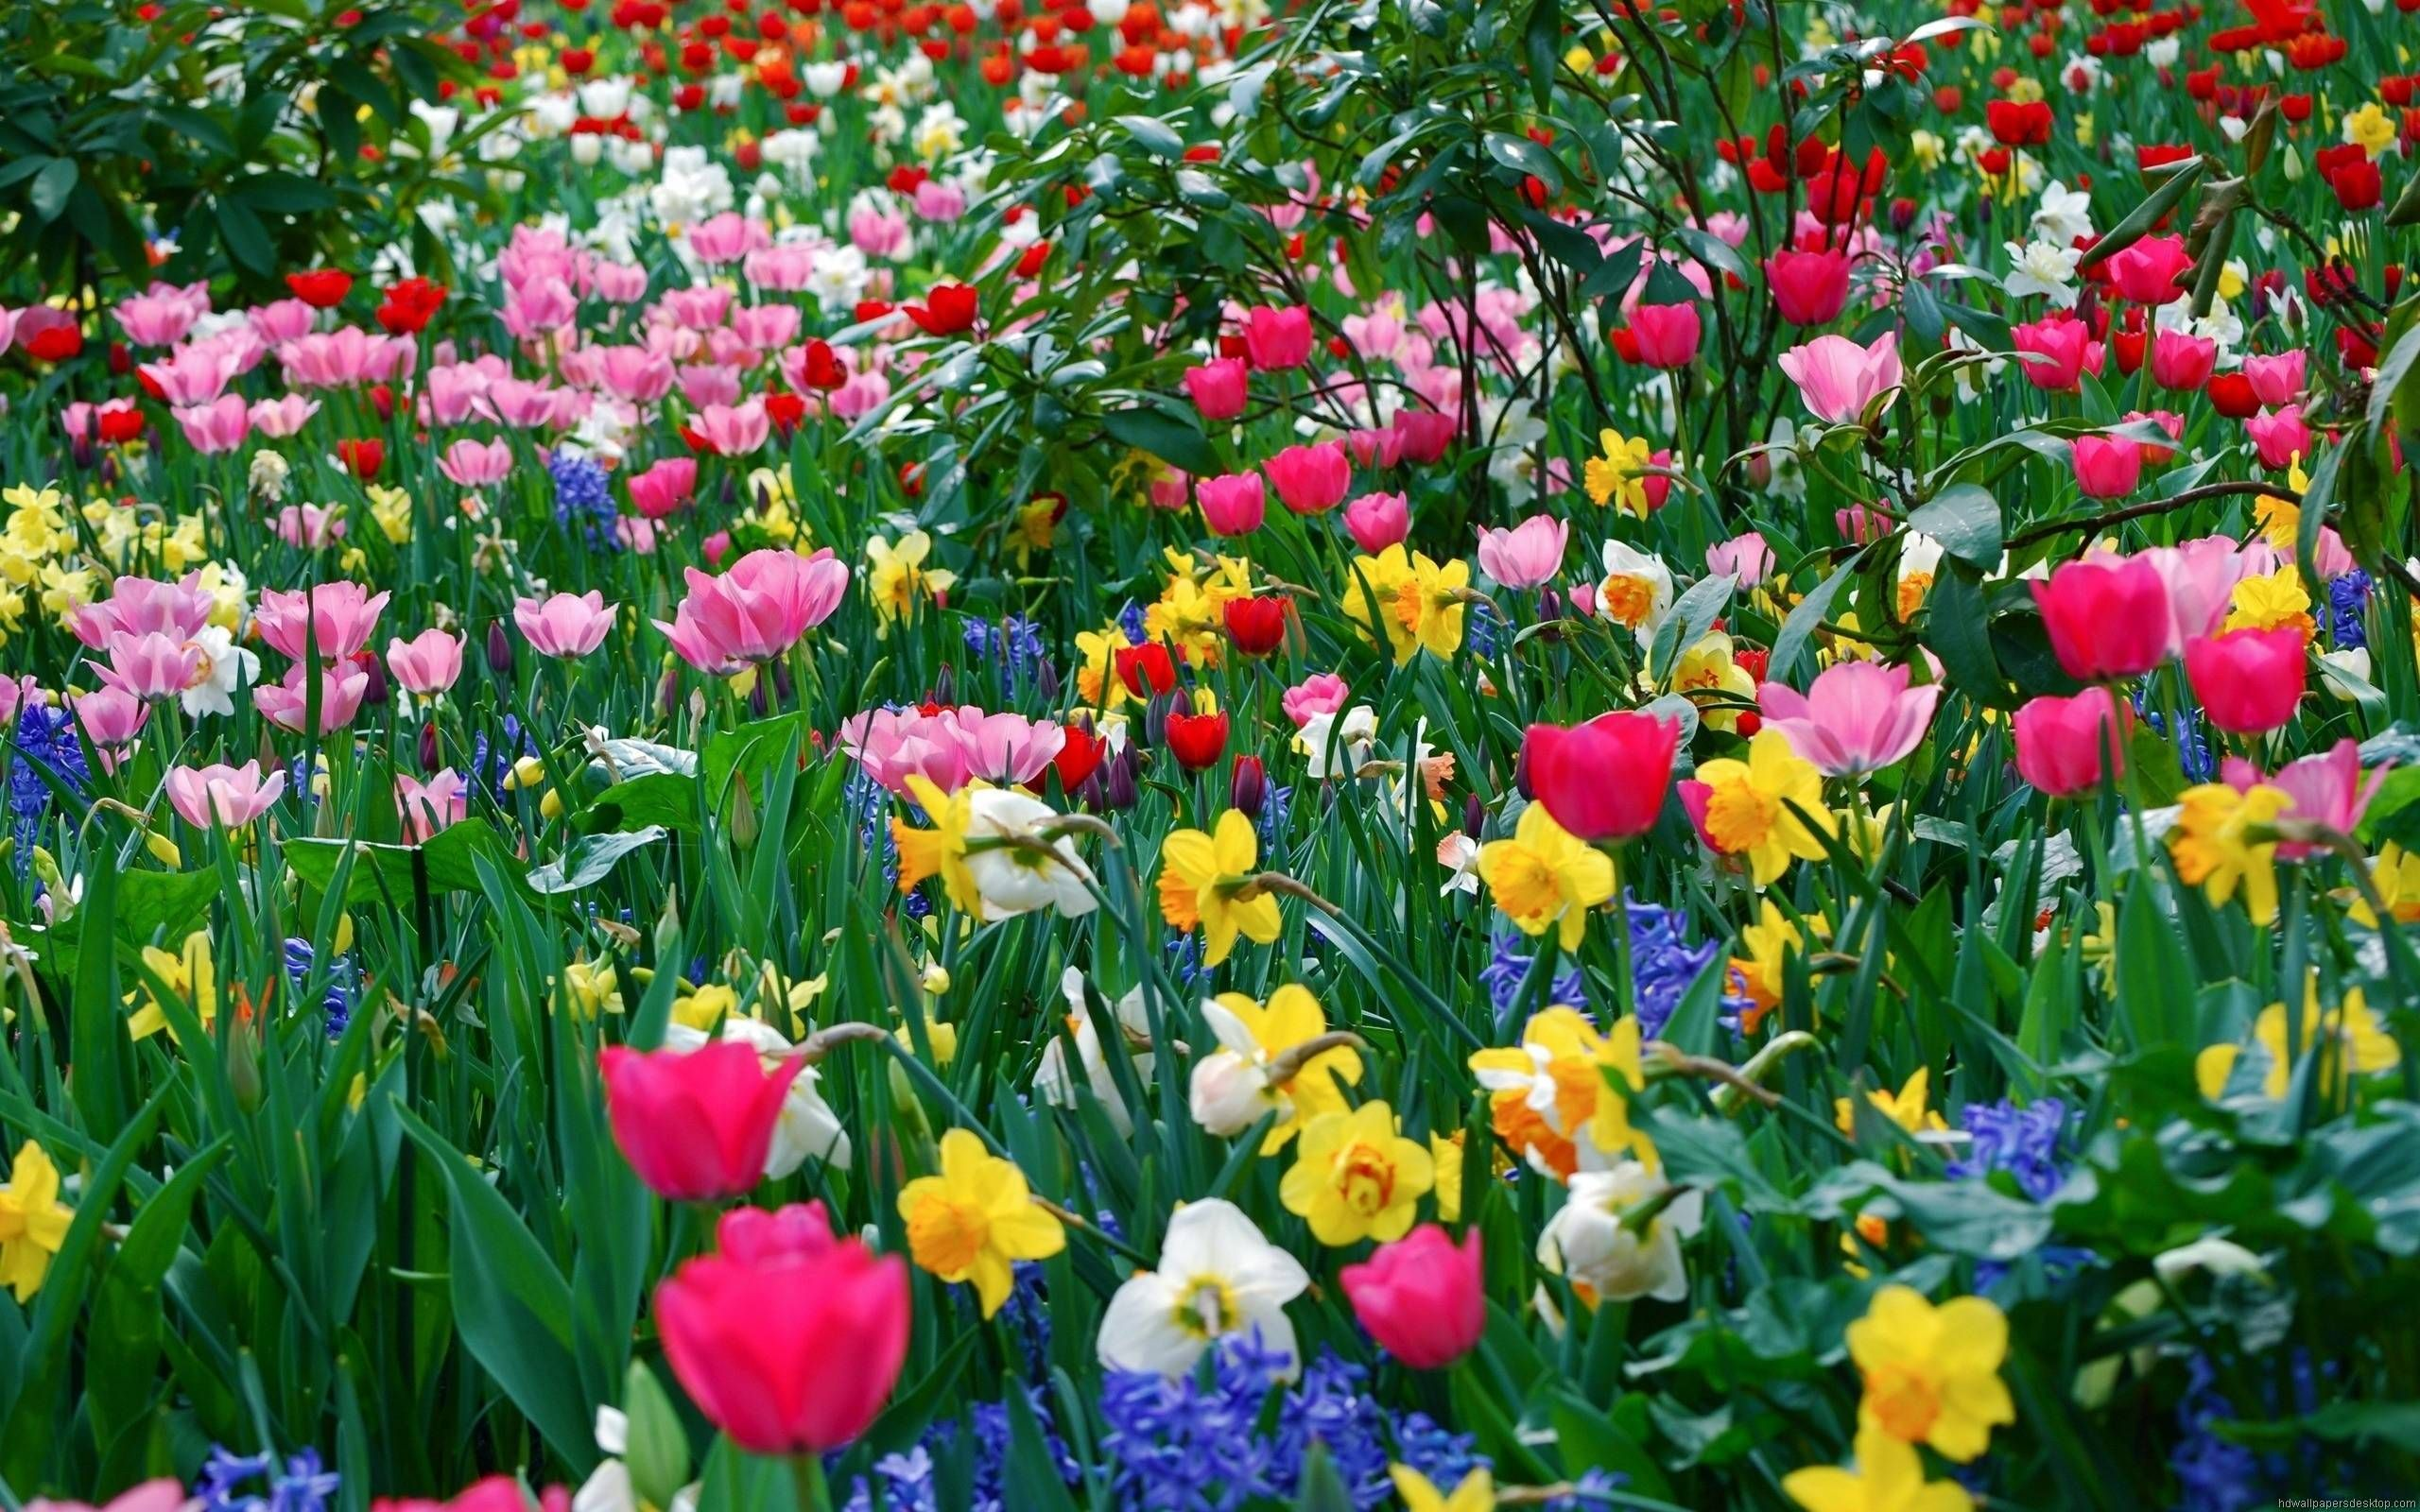 Flower Garden Wallpapers Hd Wallpapers Pinterest Floral